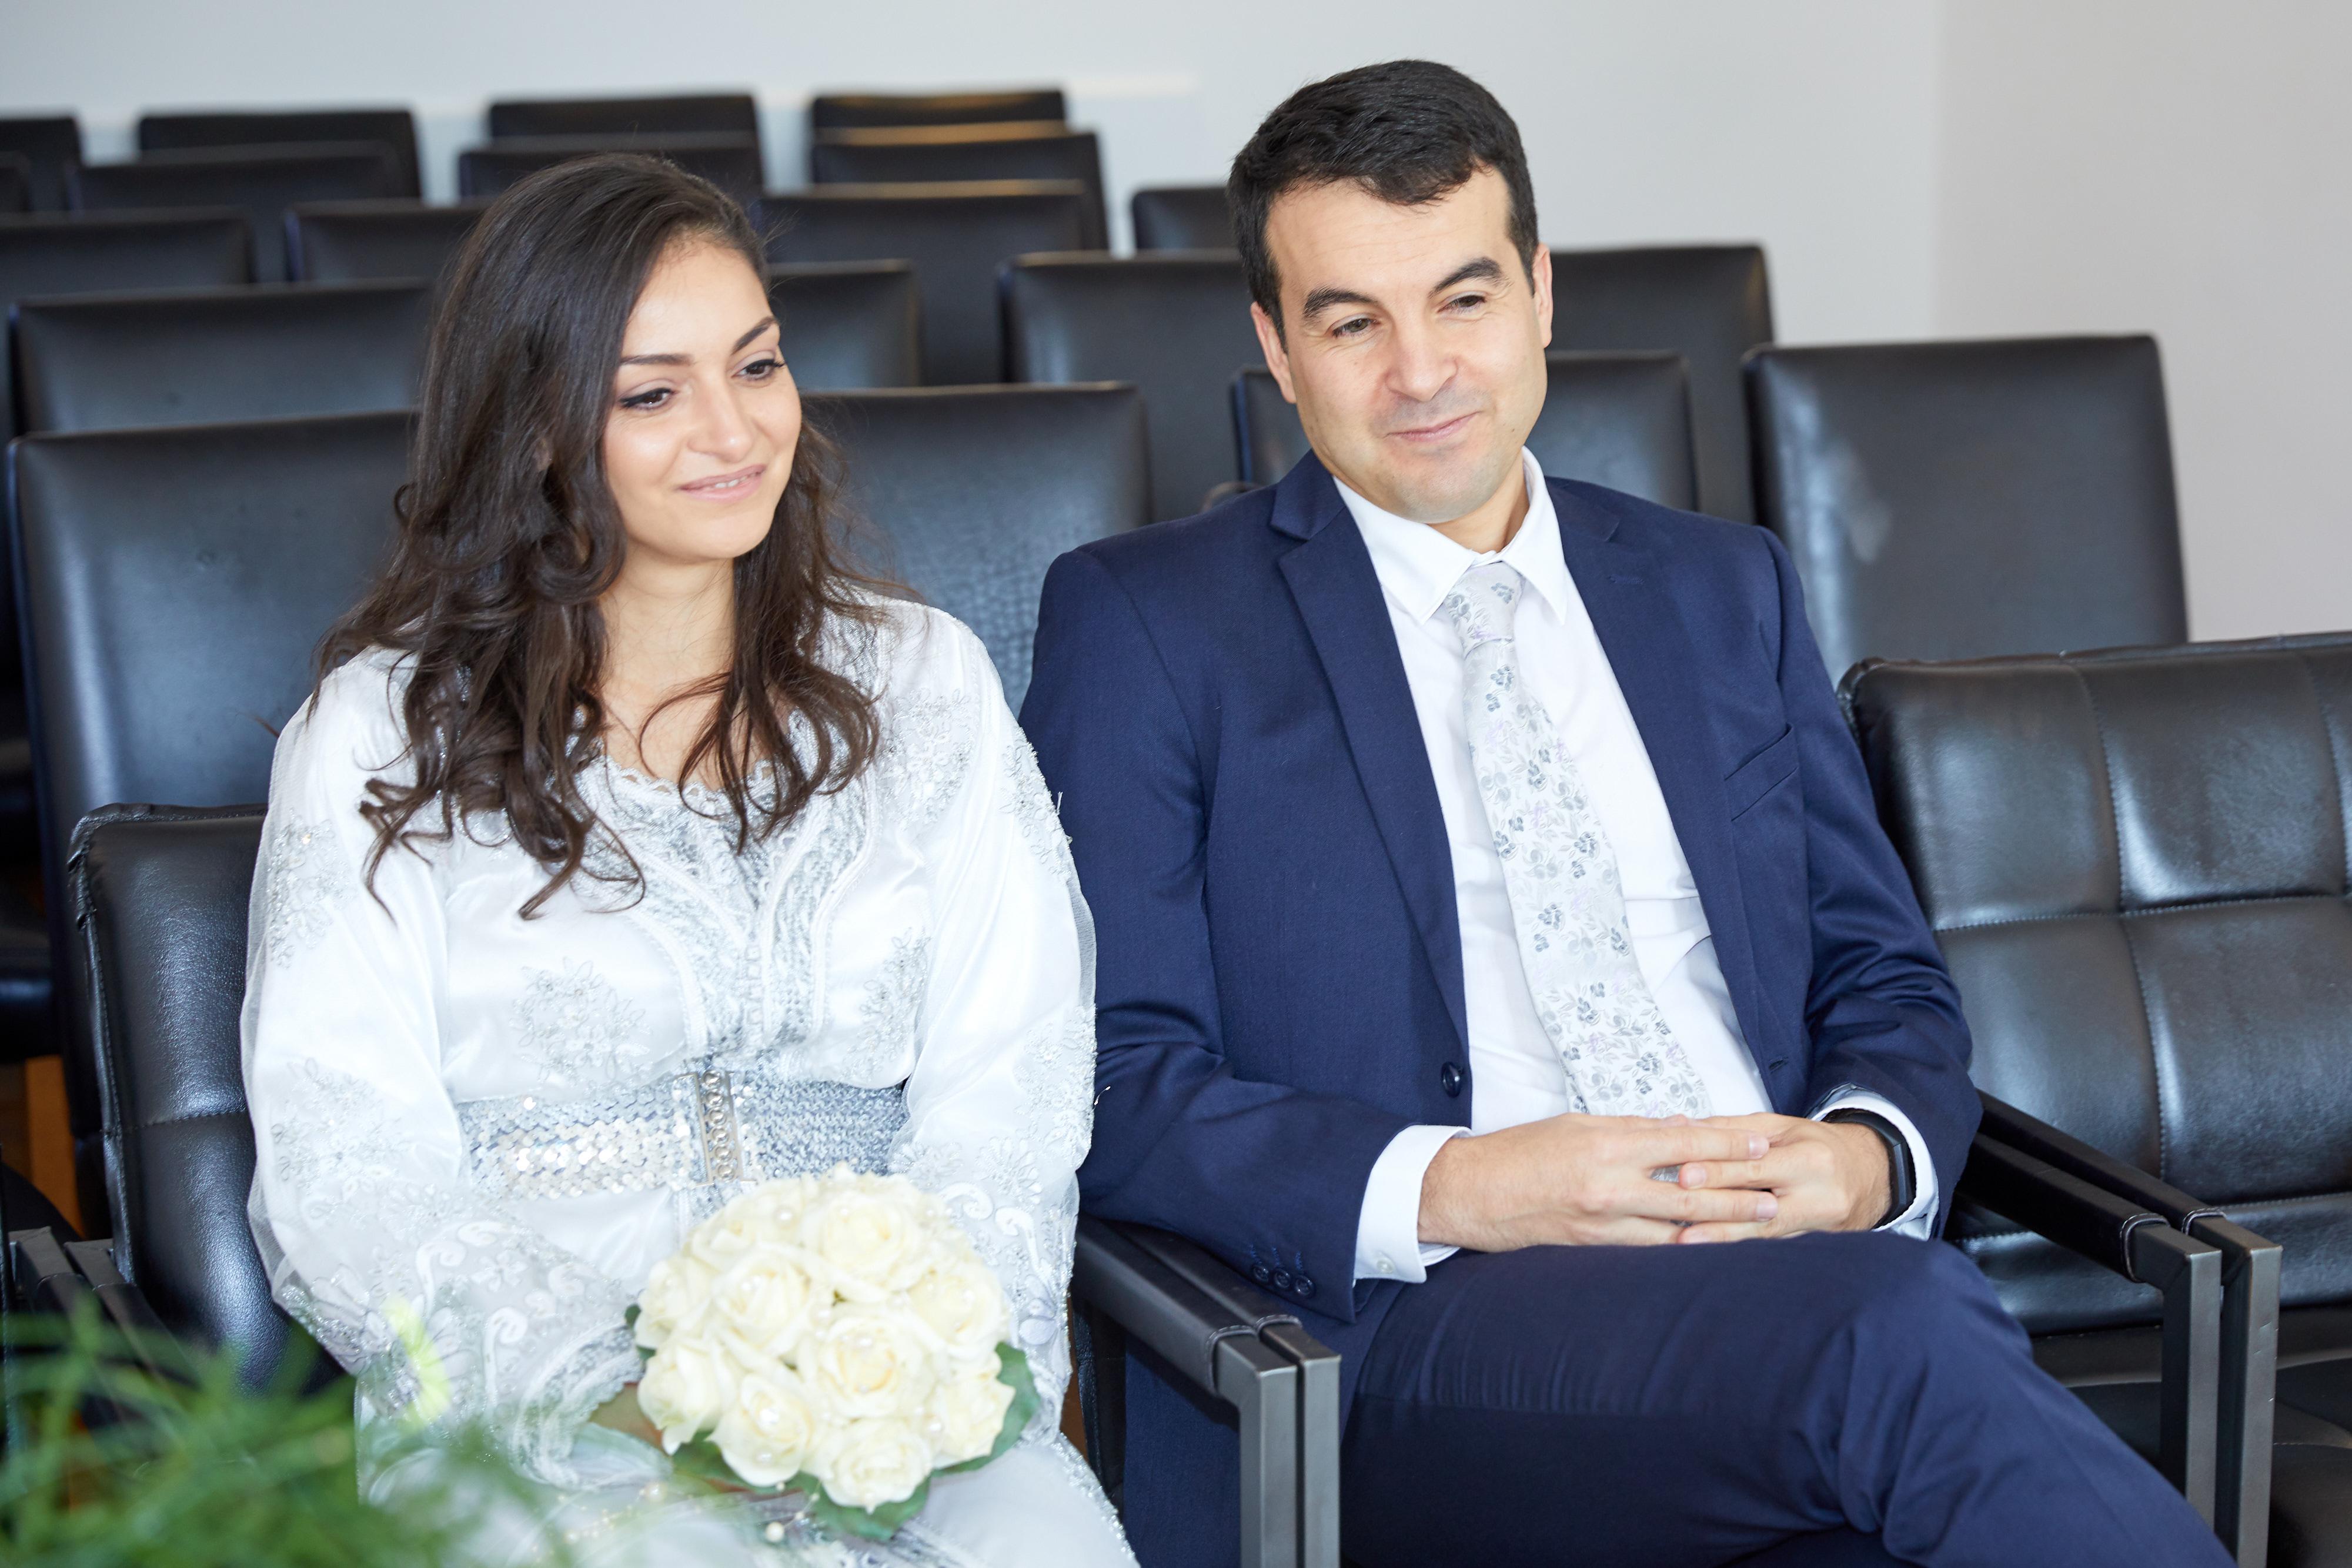 Hochzeit Bensetti